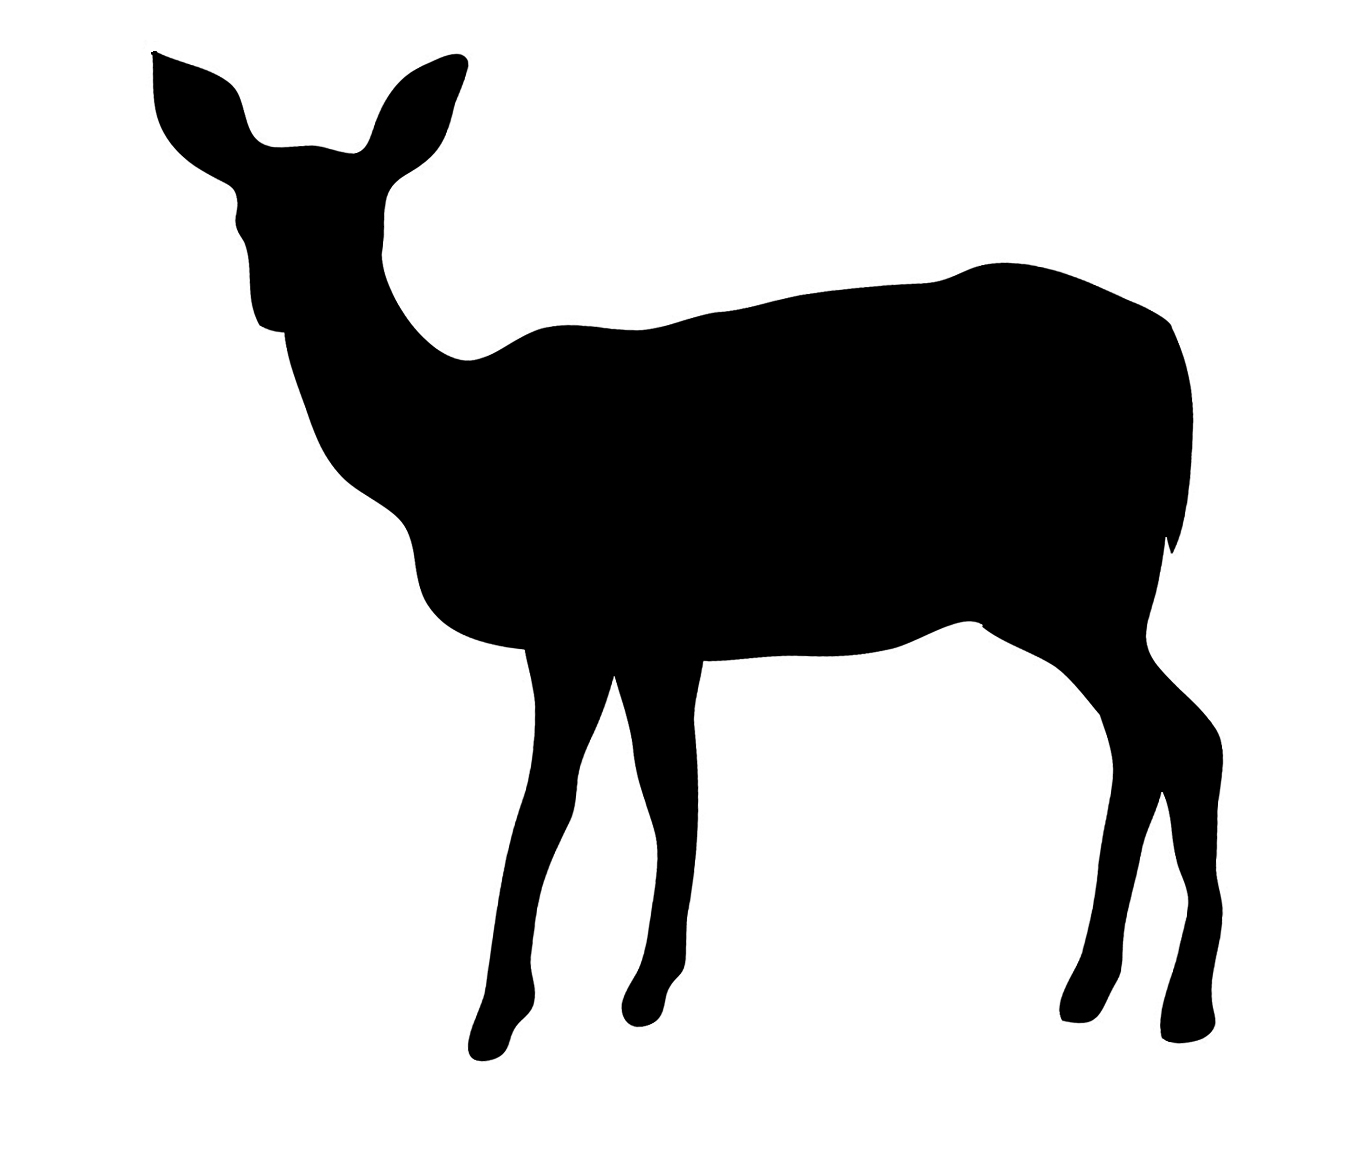 deer silhouette black frontal looking ..-deer silhouette black frontal looking ...-1